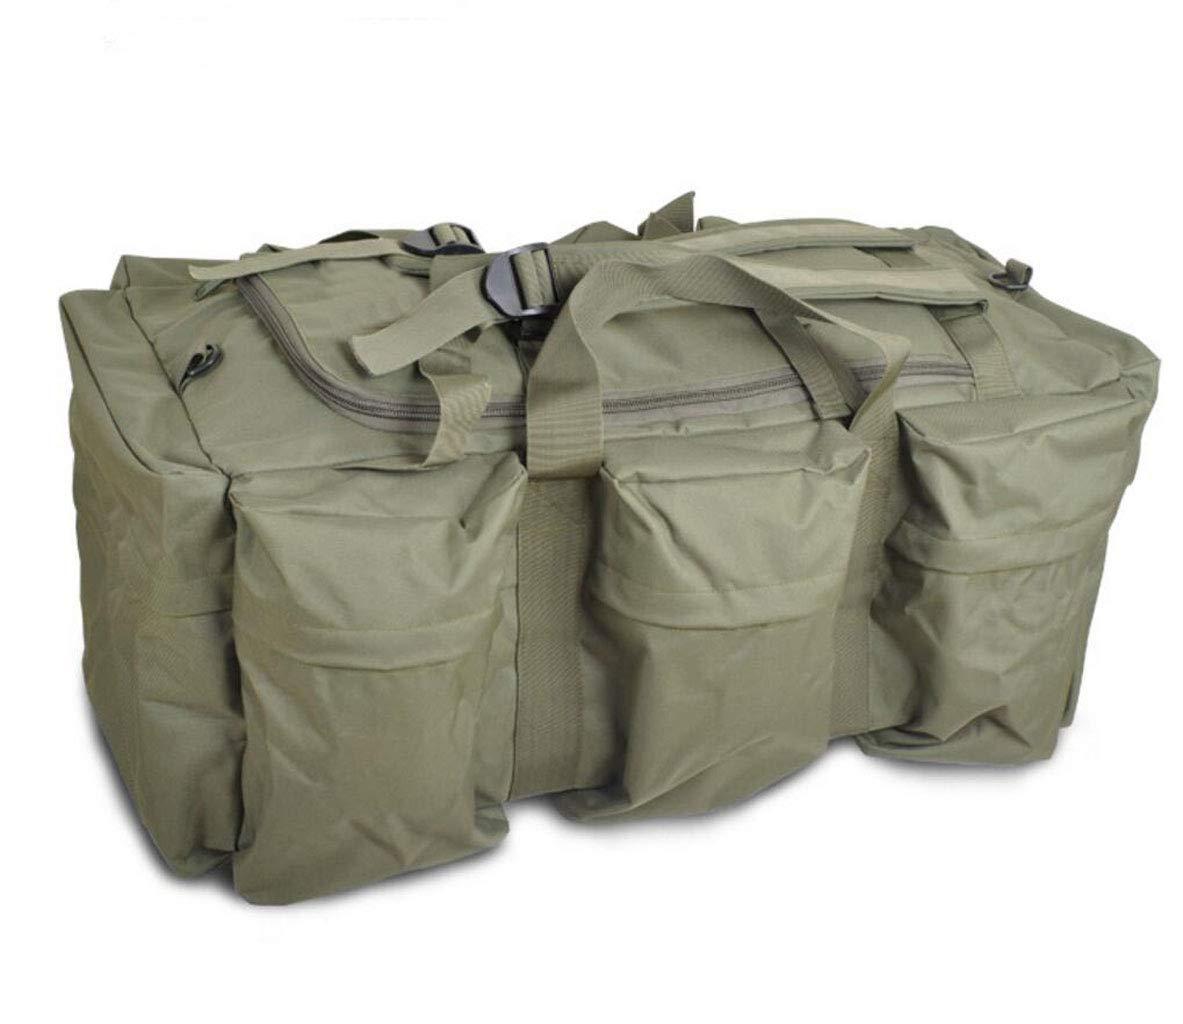 FEIYUESS Outdoor-Bergsteigen Tasche 70L Reise-Camping-Tasche Camouflage Schwarz